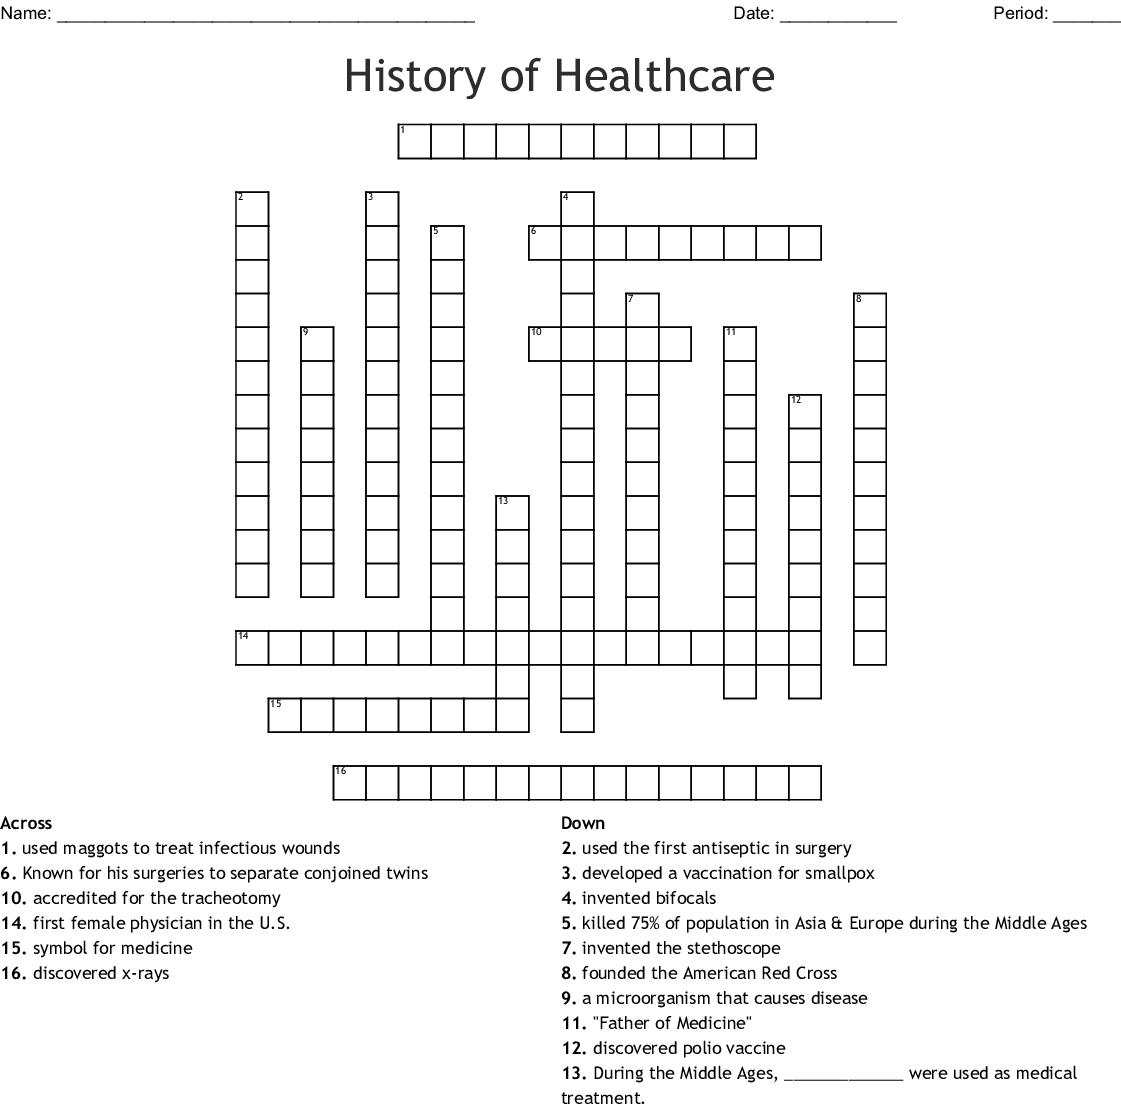 History of Healthcare Crossword - WordMint